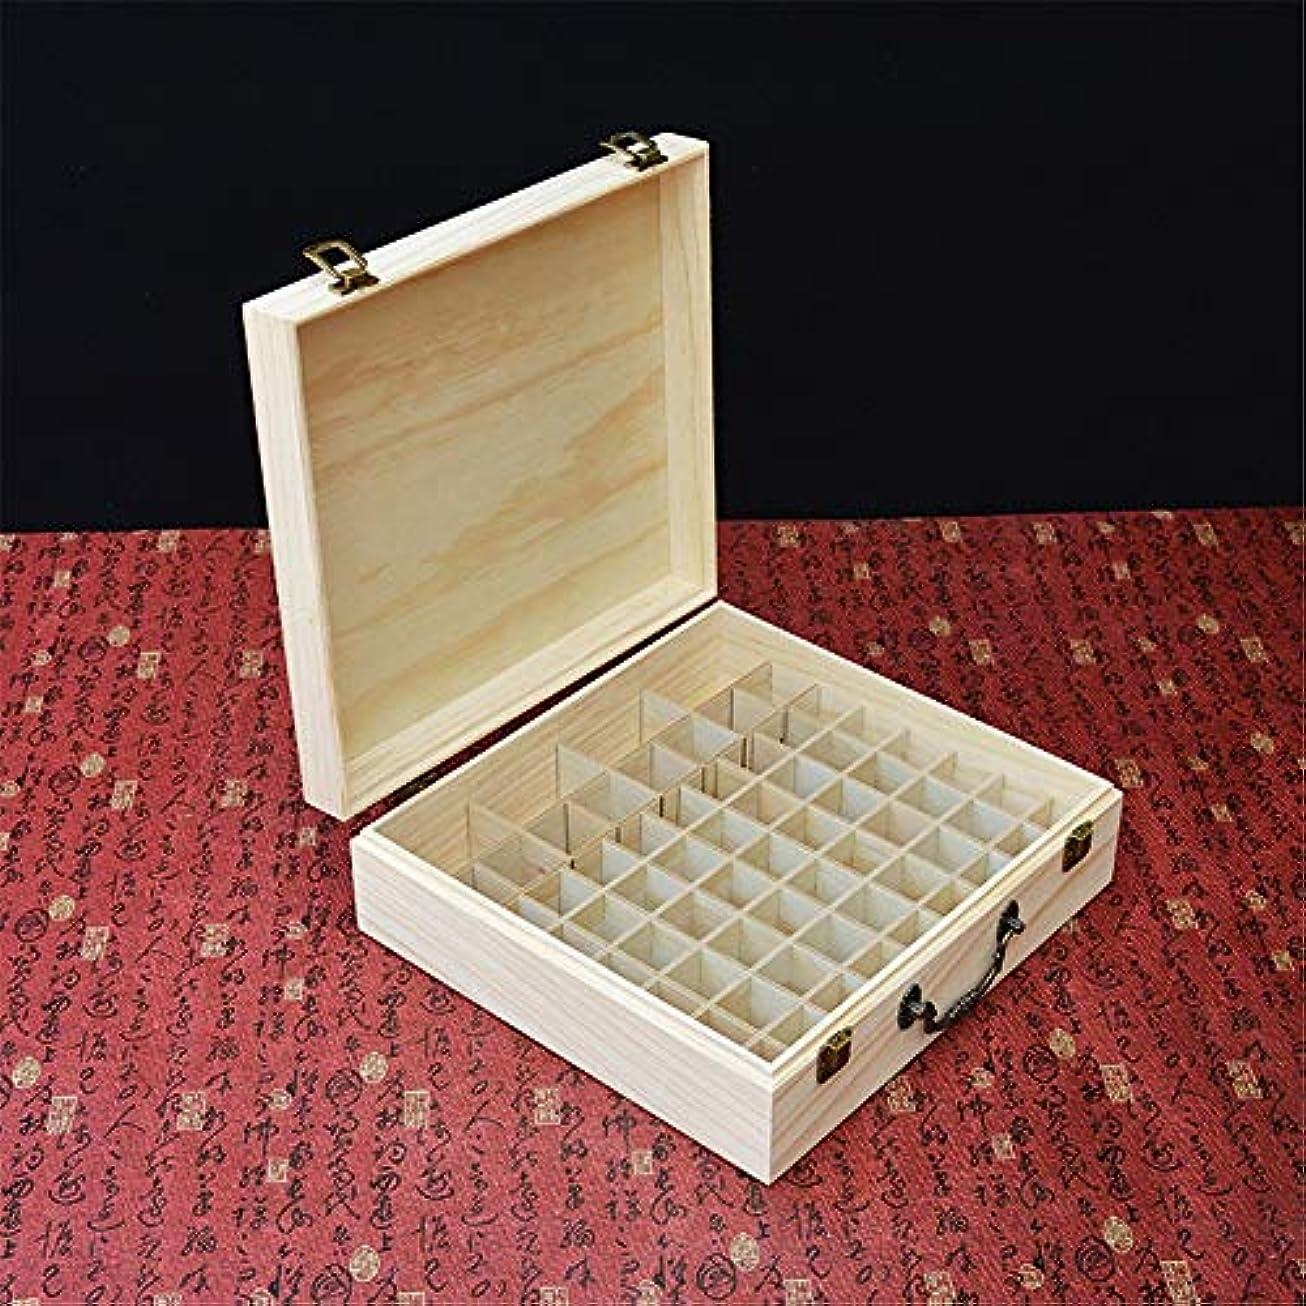 モジュールおもてなしやさしいエッセンシャルオイルストレージボックス 66スロット旅行やプレゼンテーションのために木製のエッセンシャルオイルストレージボックスパーフェクト 旅行およびプレゼンテーション用 (色 : Natural, サイズ : 31.5X29X10CM)